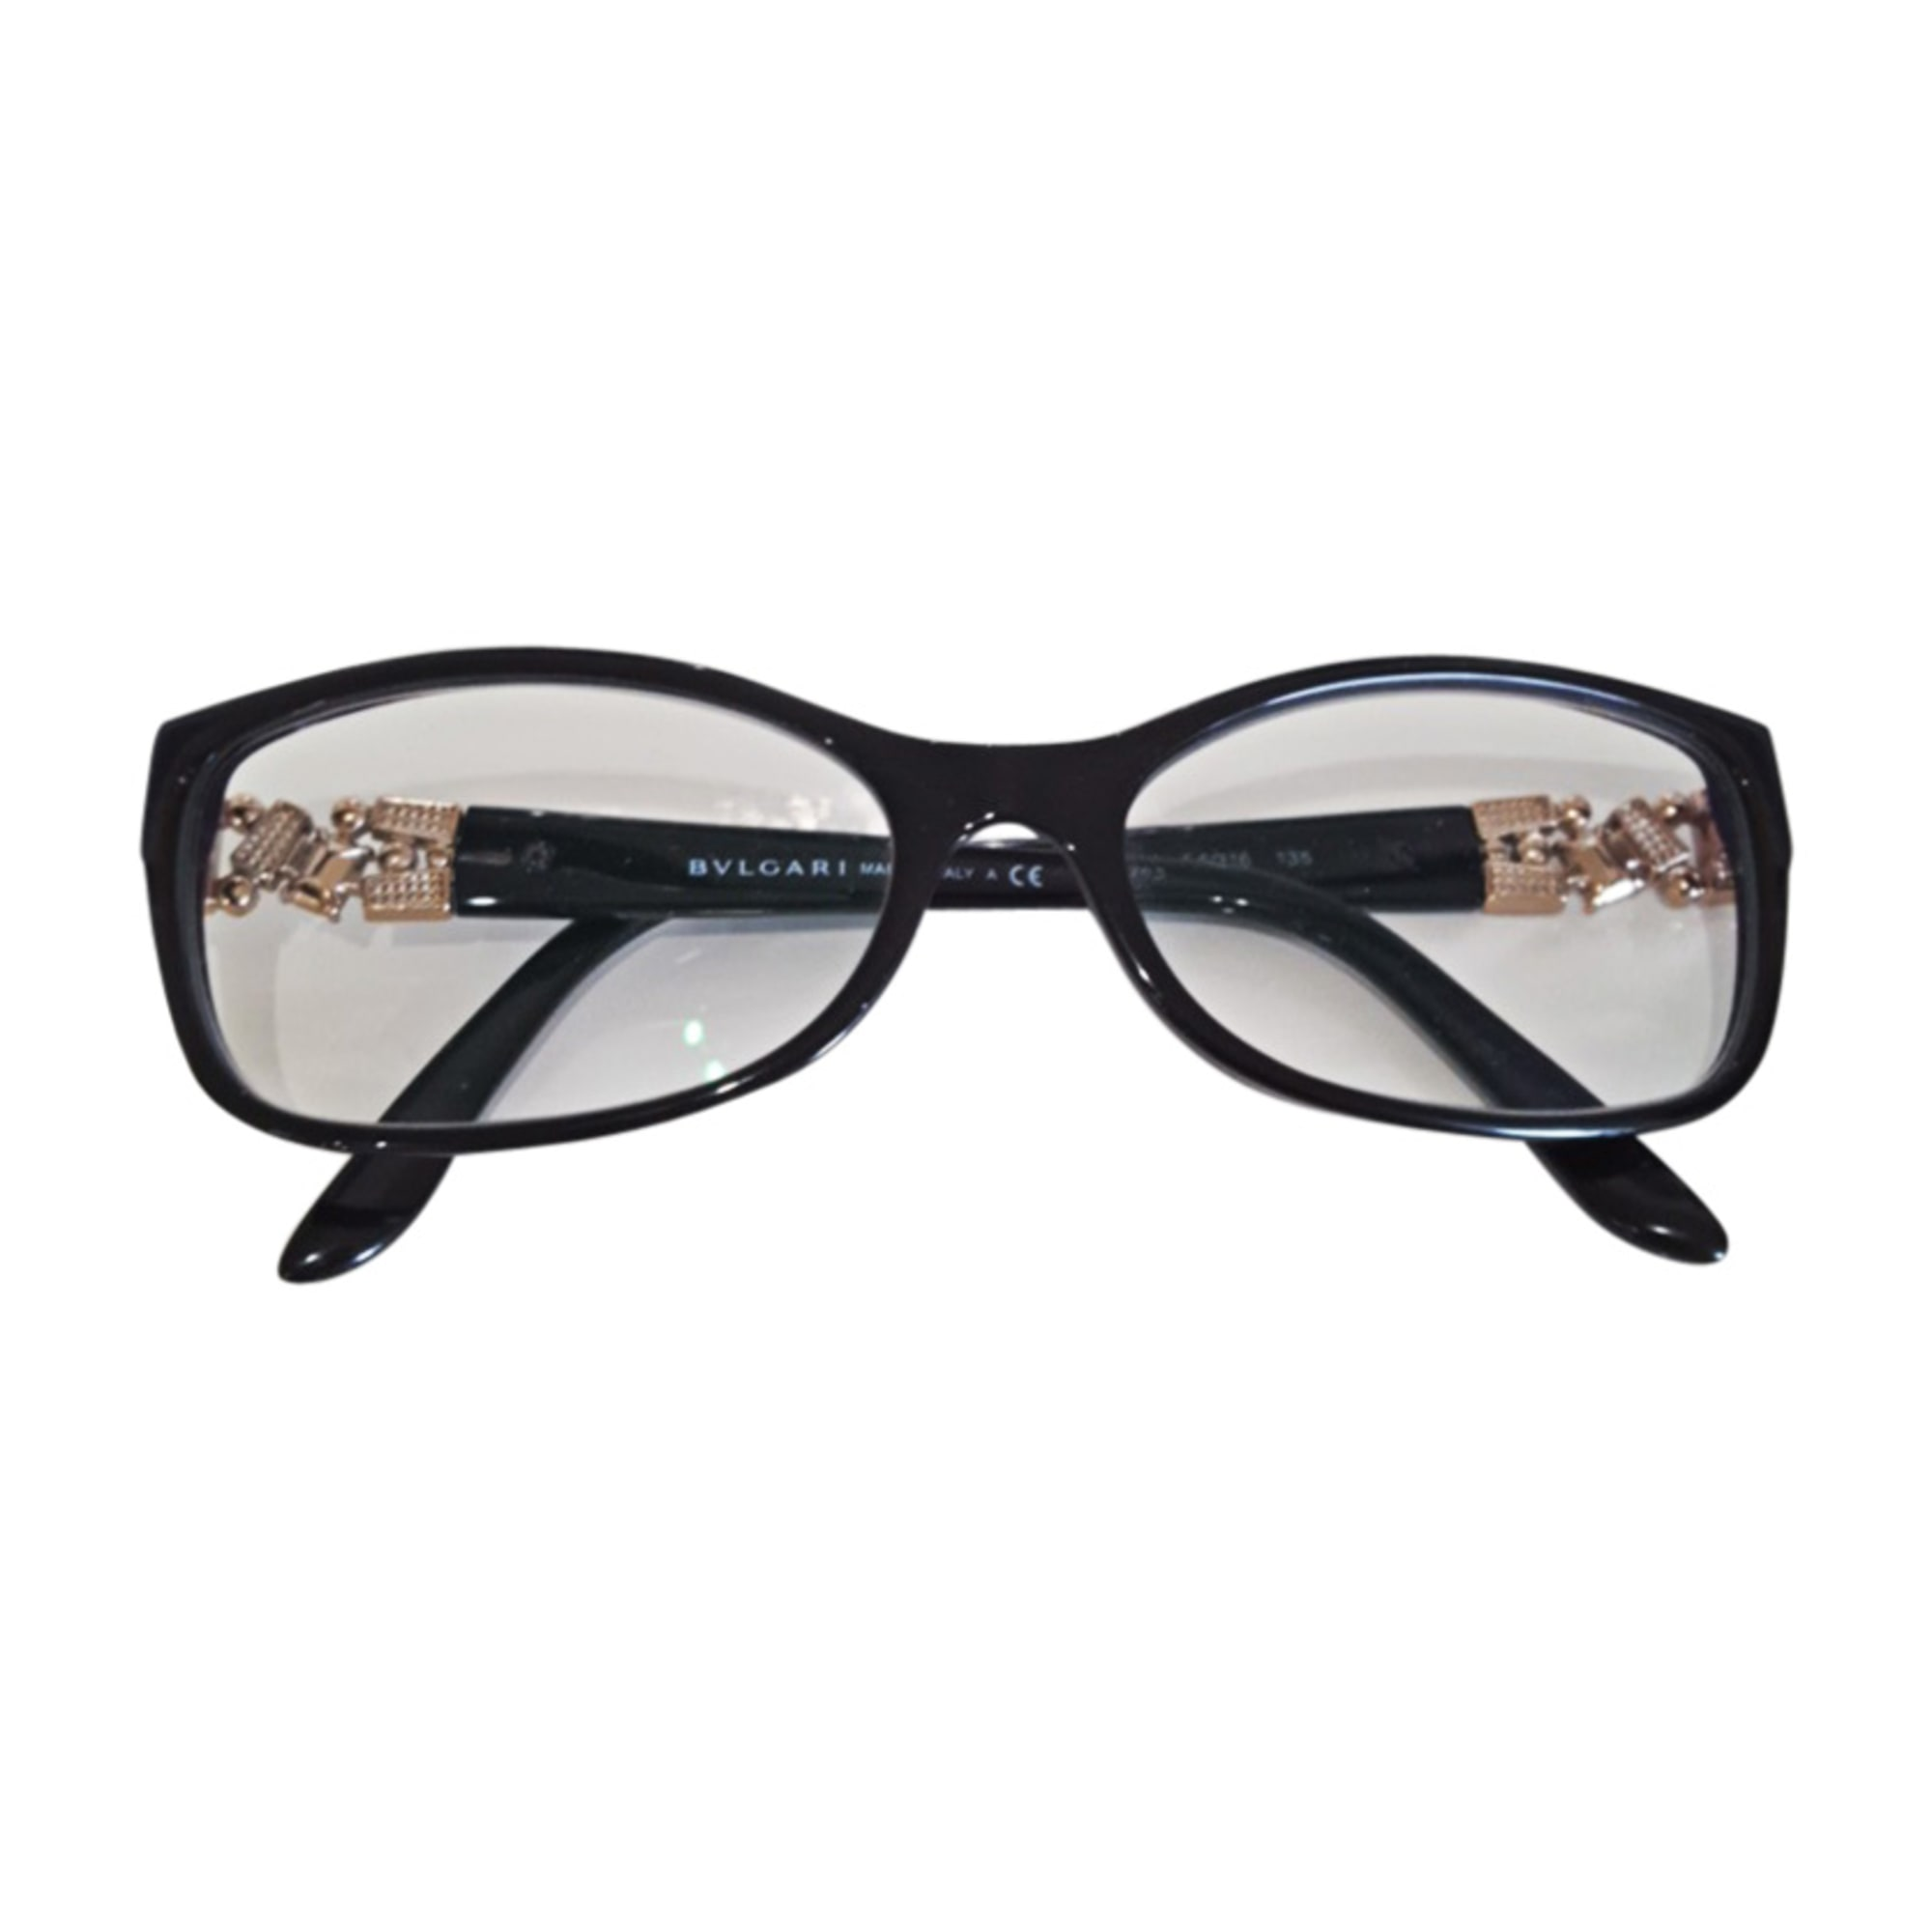 61b1720c275e Monture de lunettes BULGARI noir vendu par Jess lou - 6823341